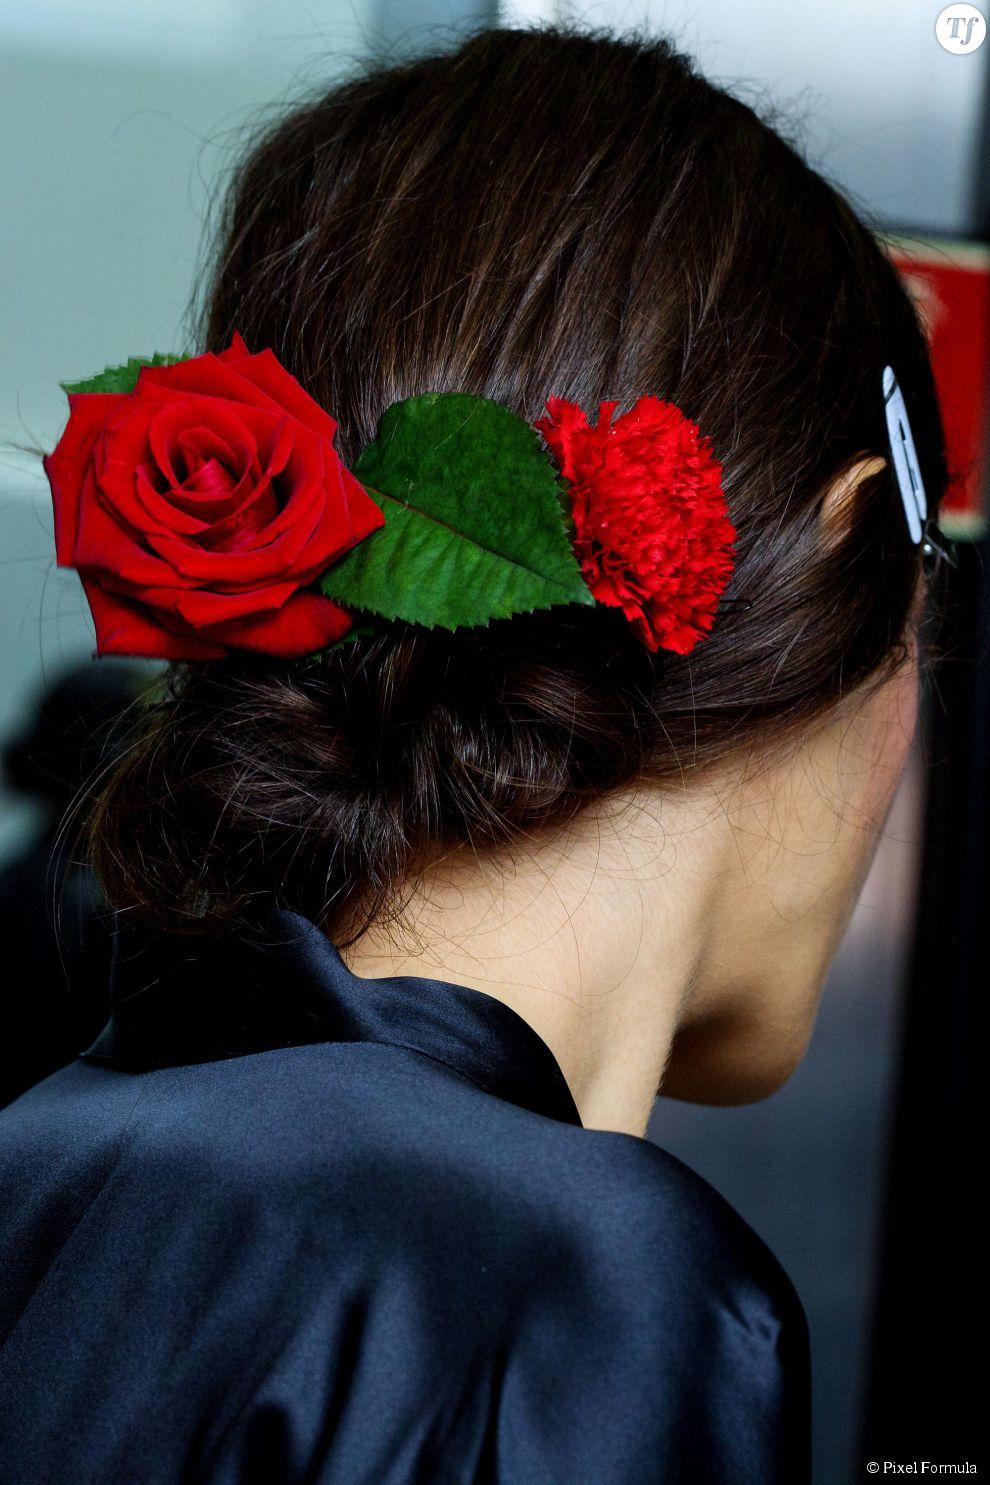 Roses rouges dans les cheveux et chignon bas au défilé Dolce & Gabbana printemps-été 2015.